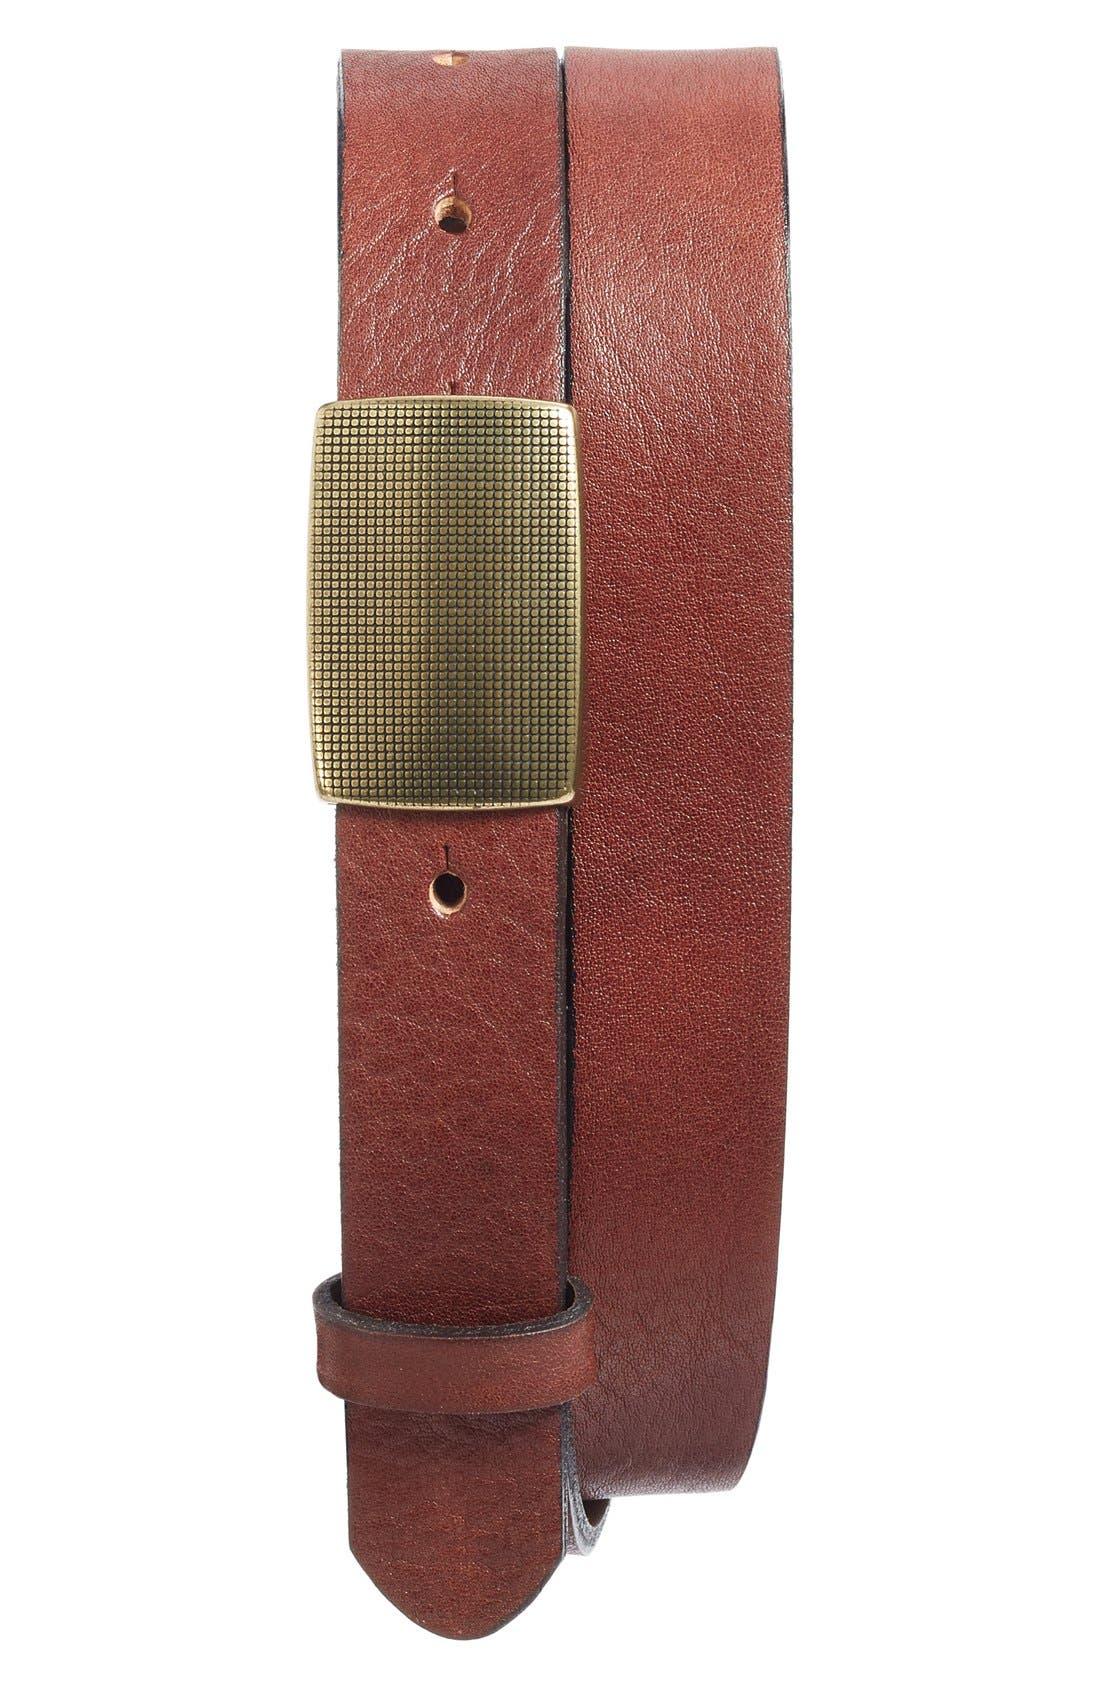 Main Image - Bosca The Donatello Leather Belt